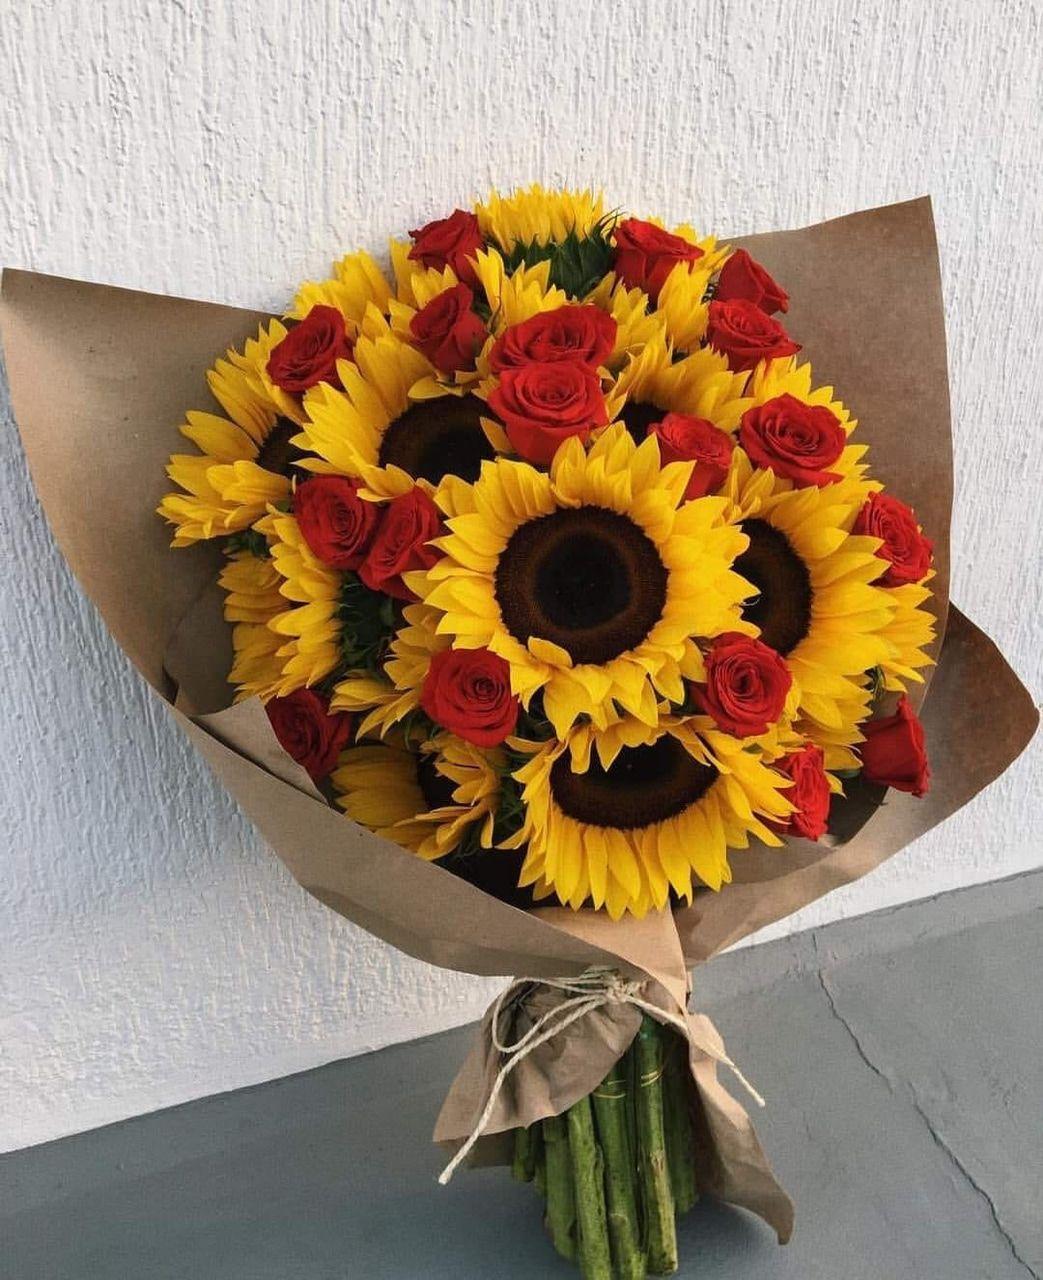 Imagem Descoberto Por Reham Descubra E Salve Suas Proprias Imagens E Videos No We Hea In 2020 Sunflowers And Roses Beautiful Flower Arrangements Luxury Flowers